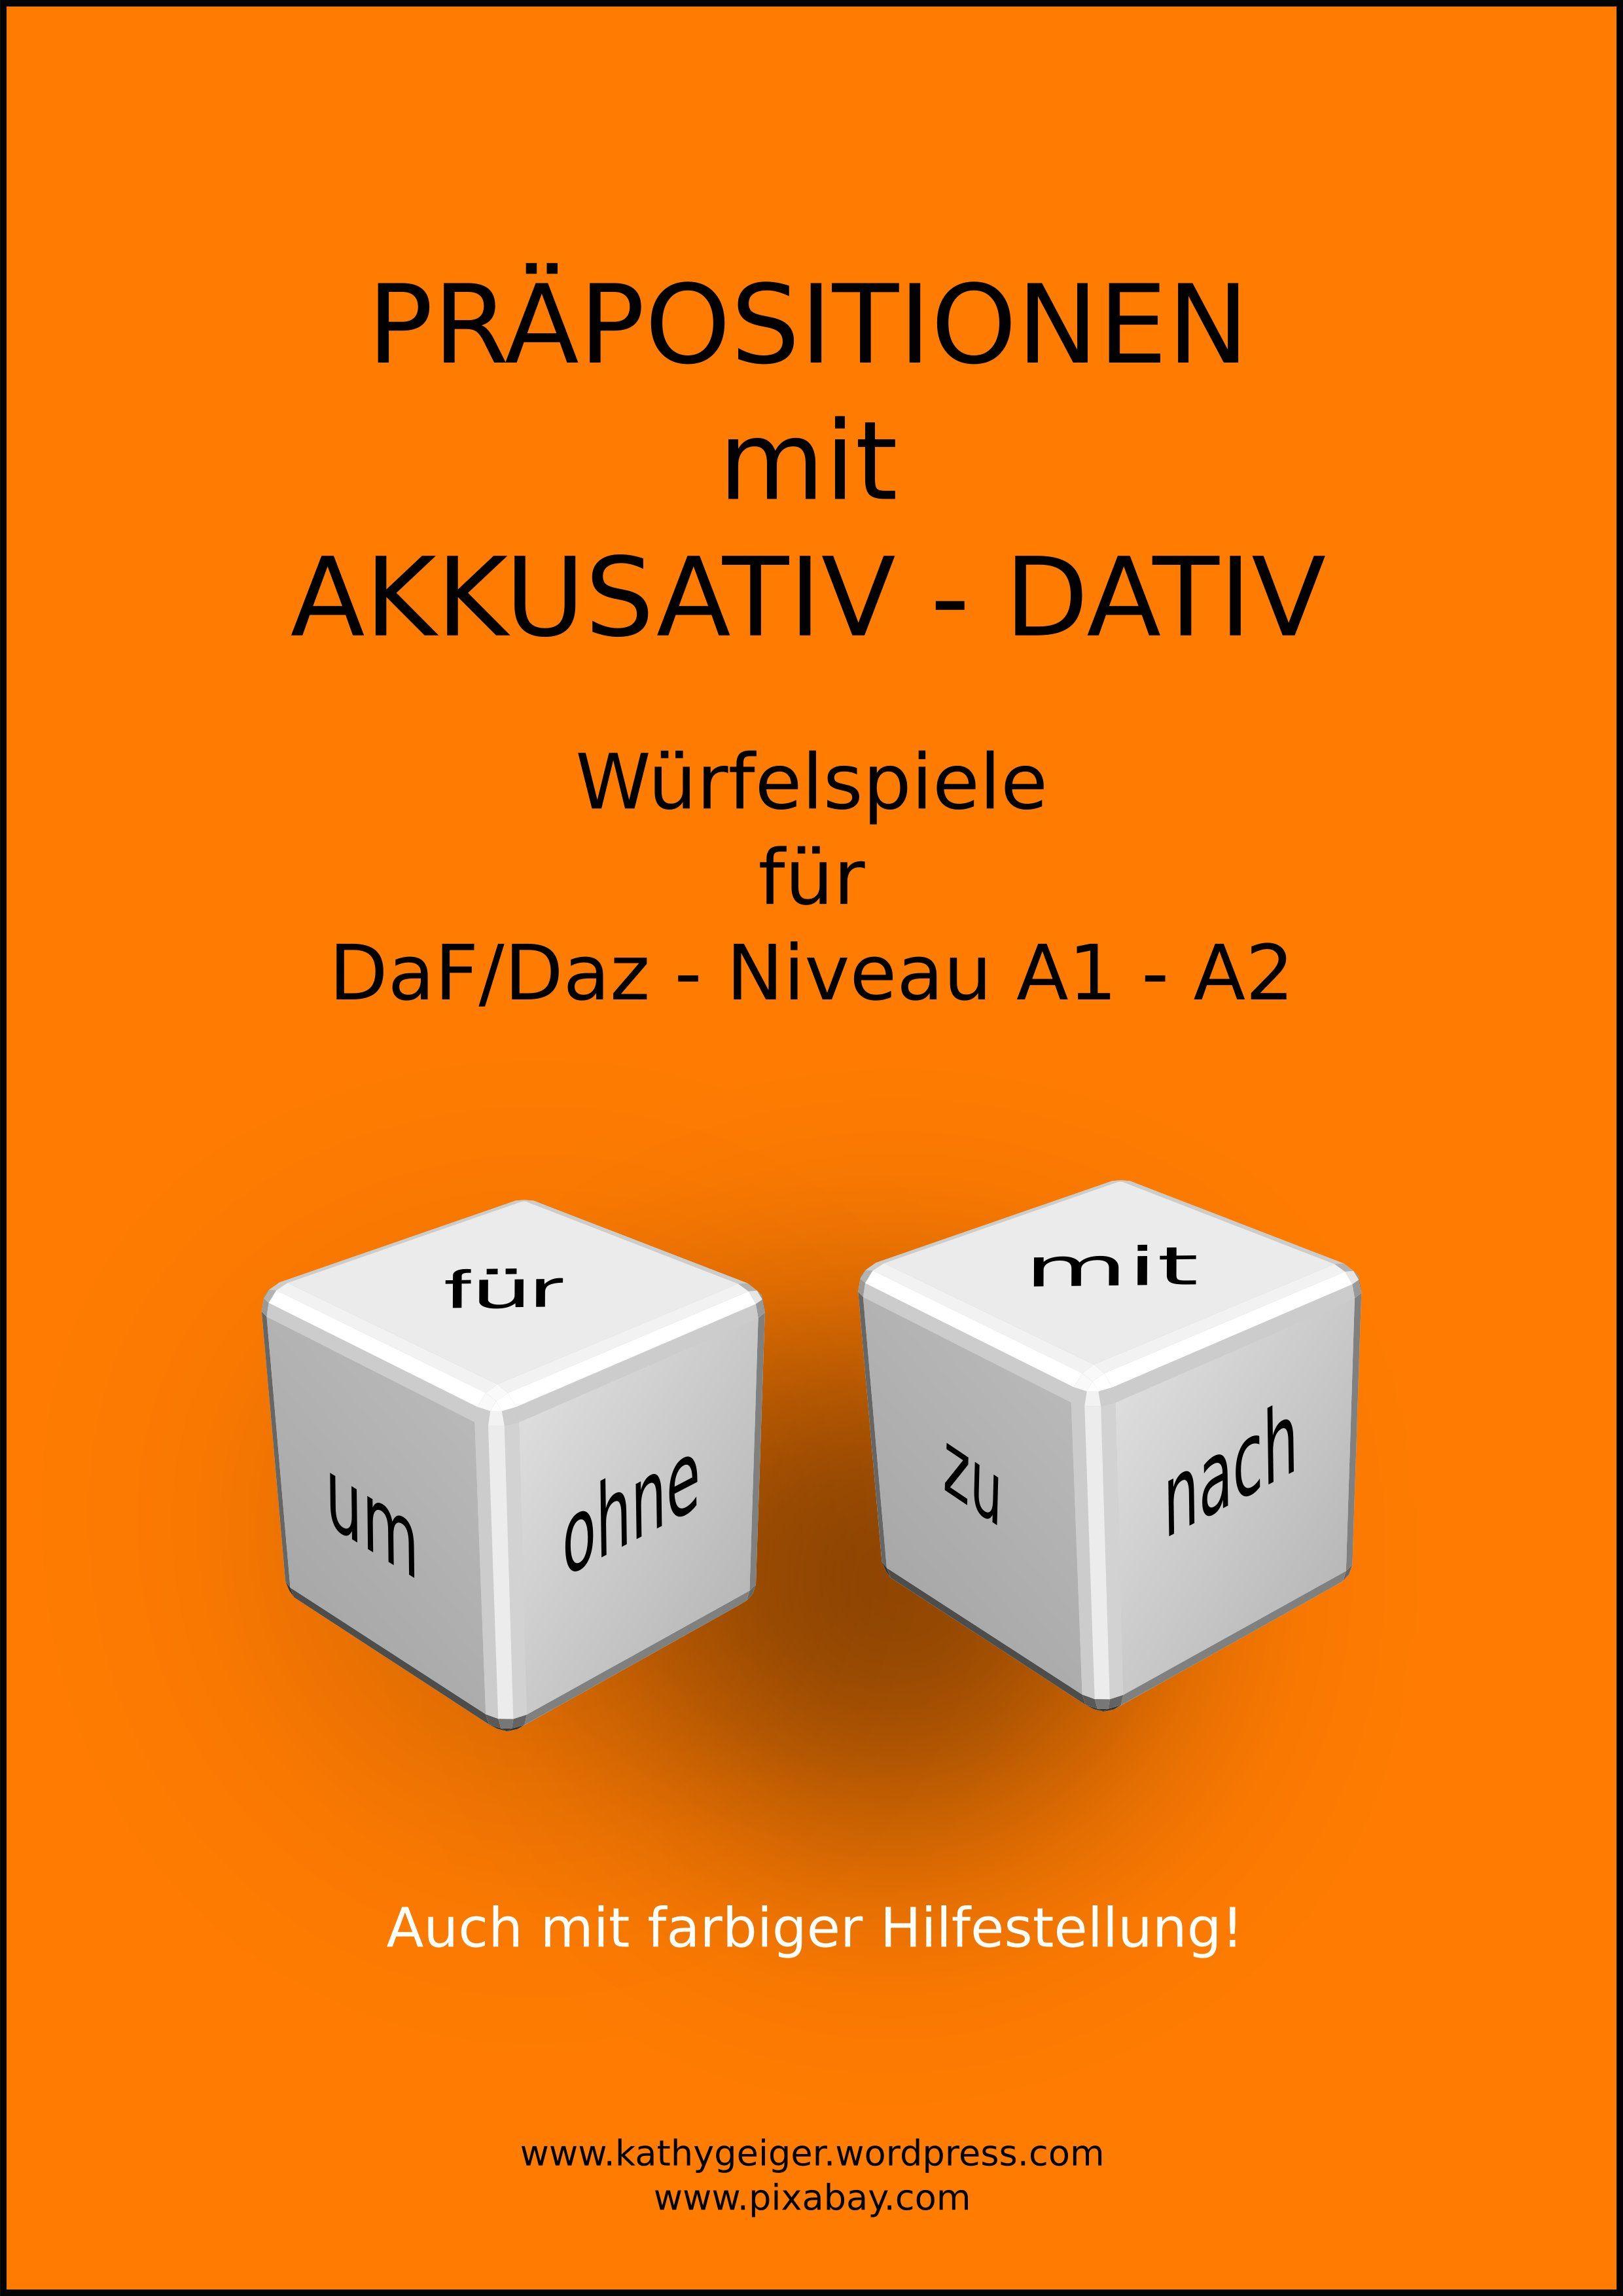 Würfelspiel für Akkusativ- und Dativ-Präpositionen, DaF-DaZ Niveau ...